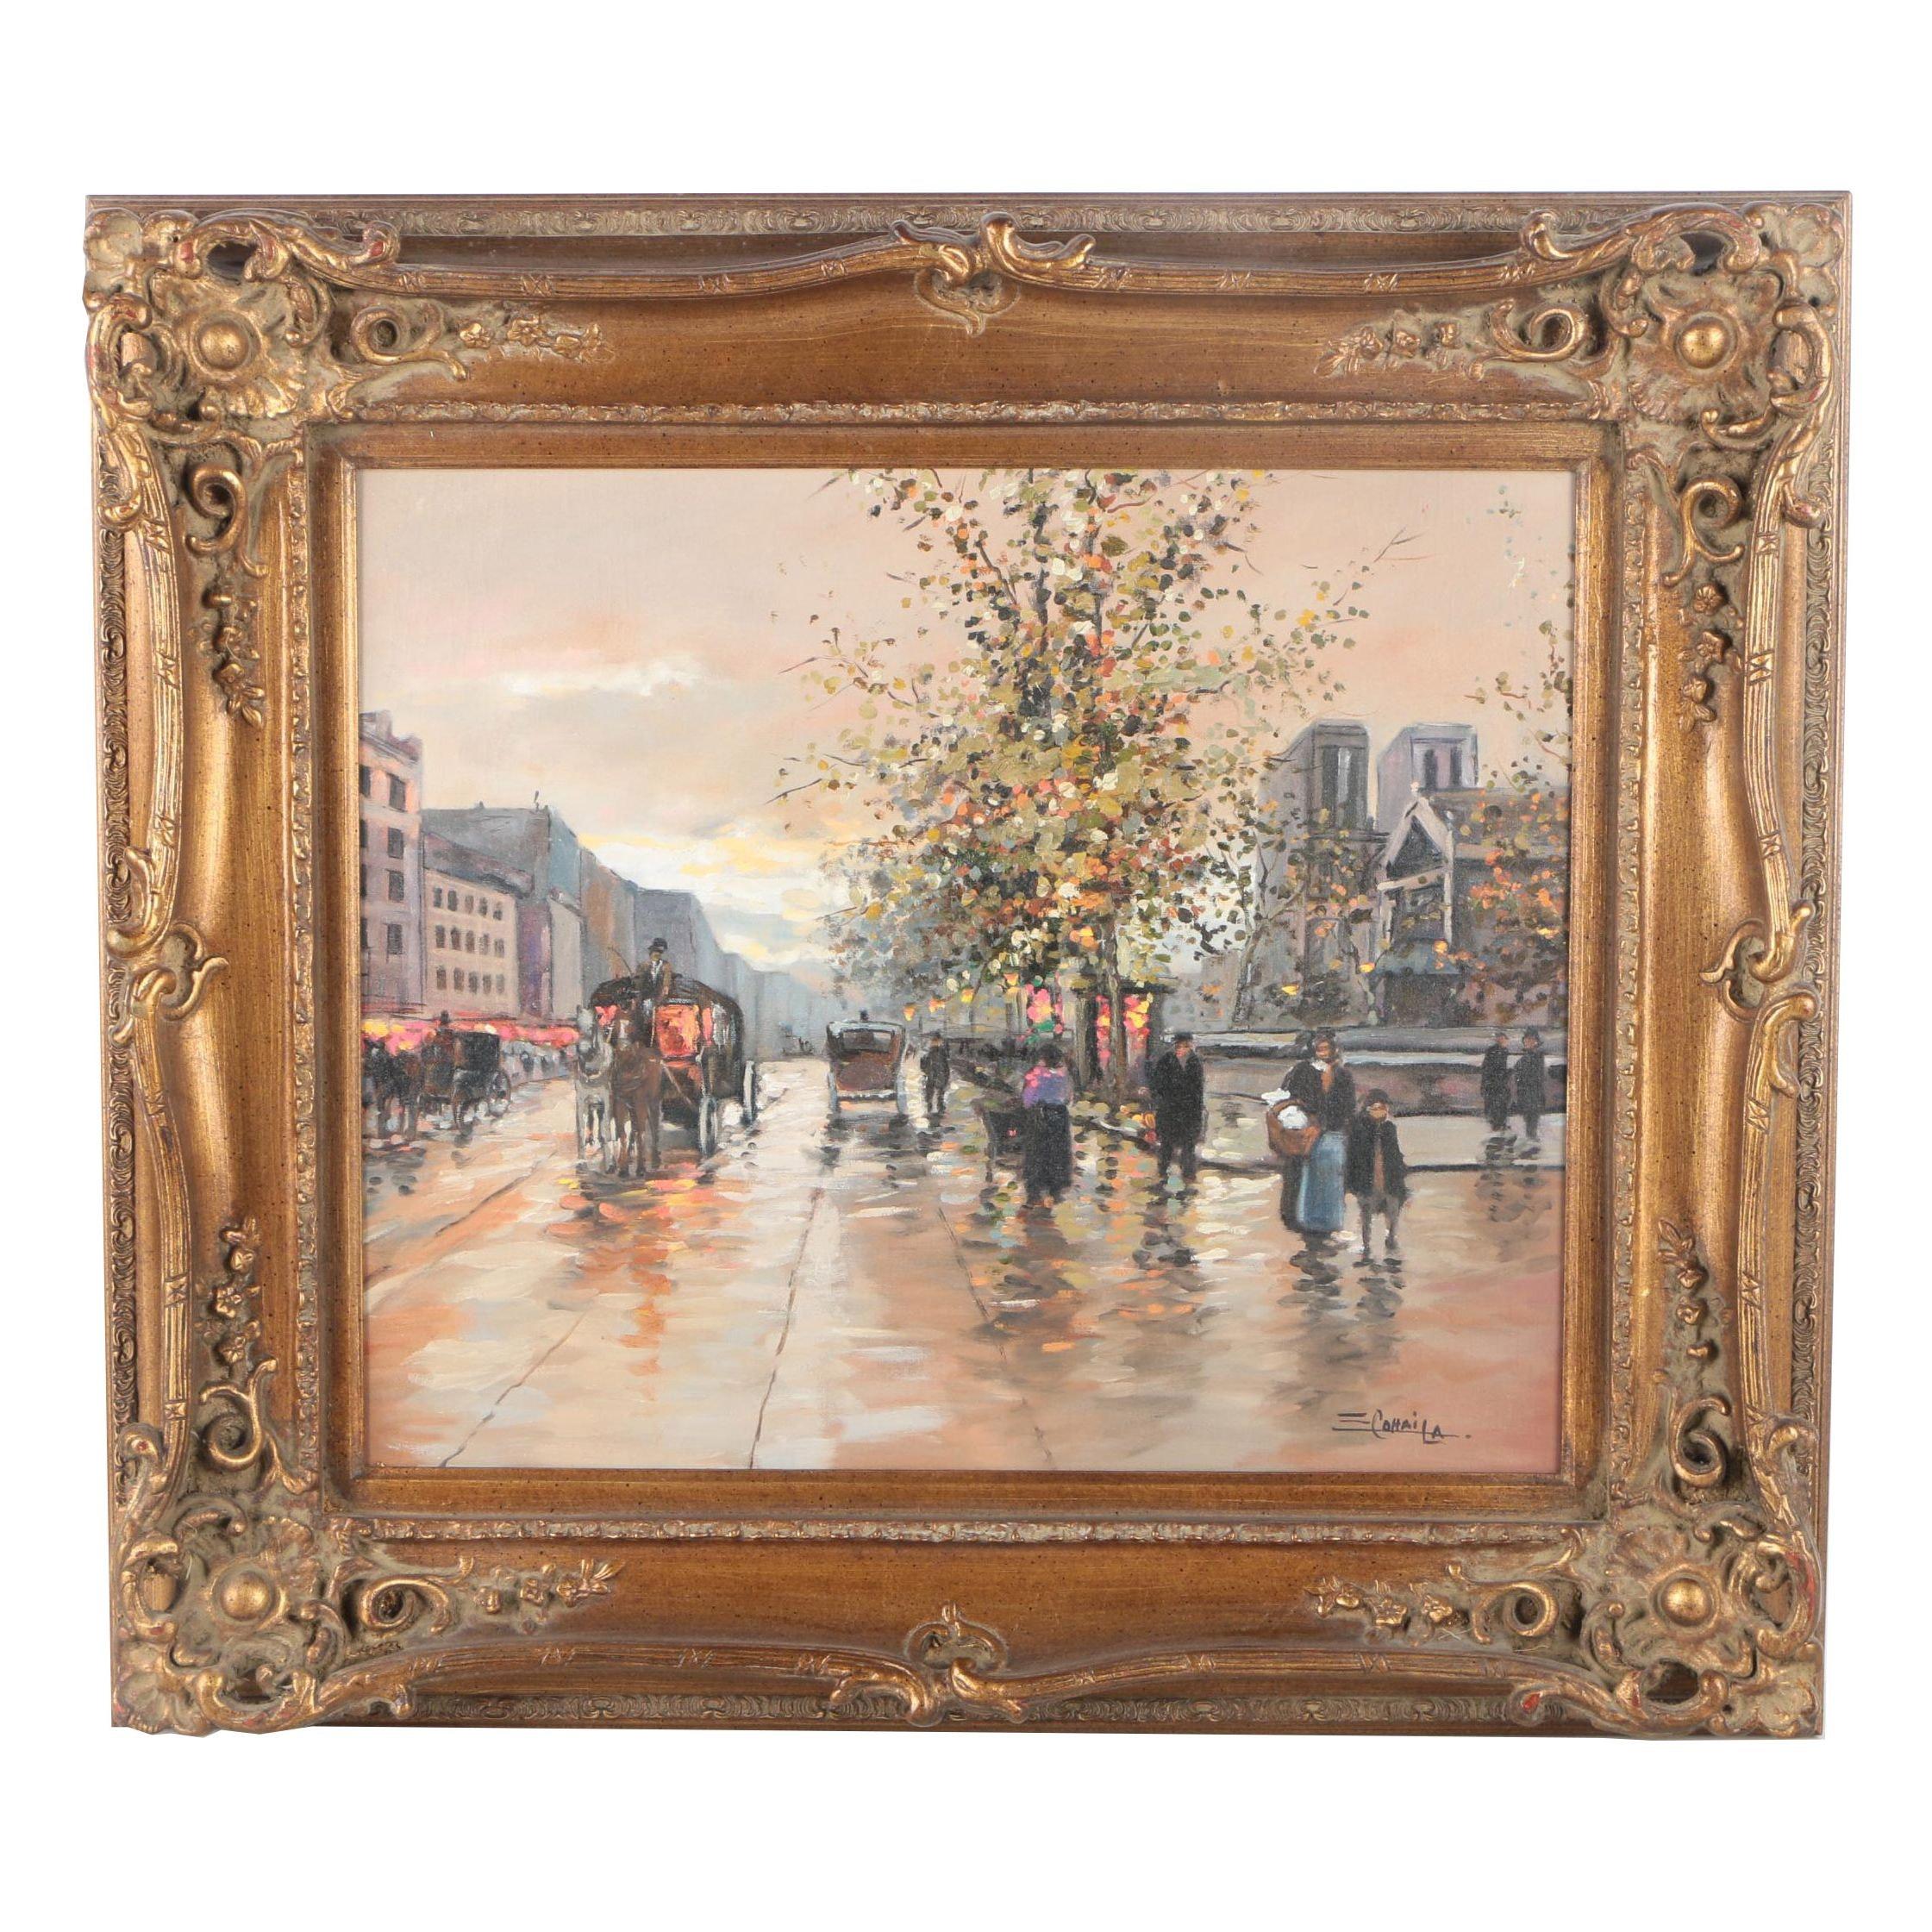 Cohaila Oil Painting on Canvas of a Parisian Street Scene